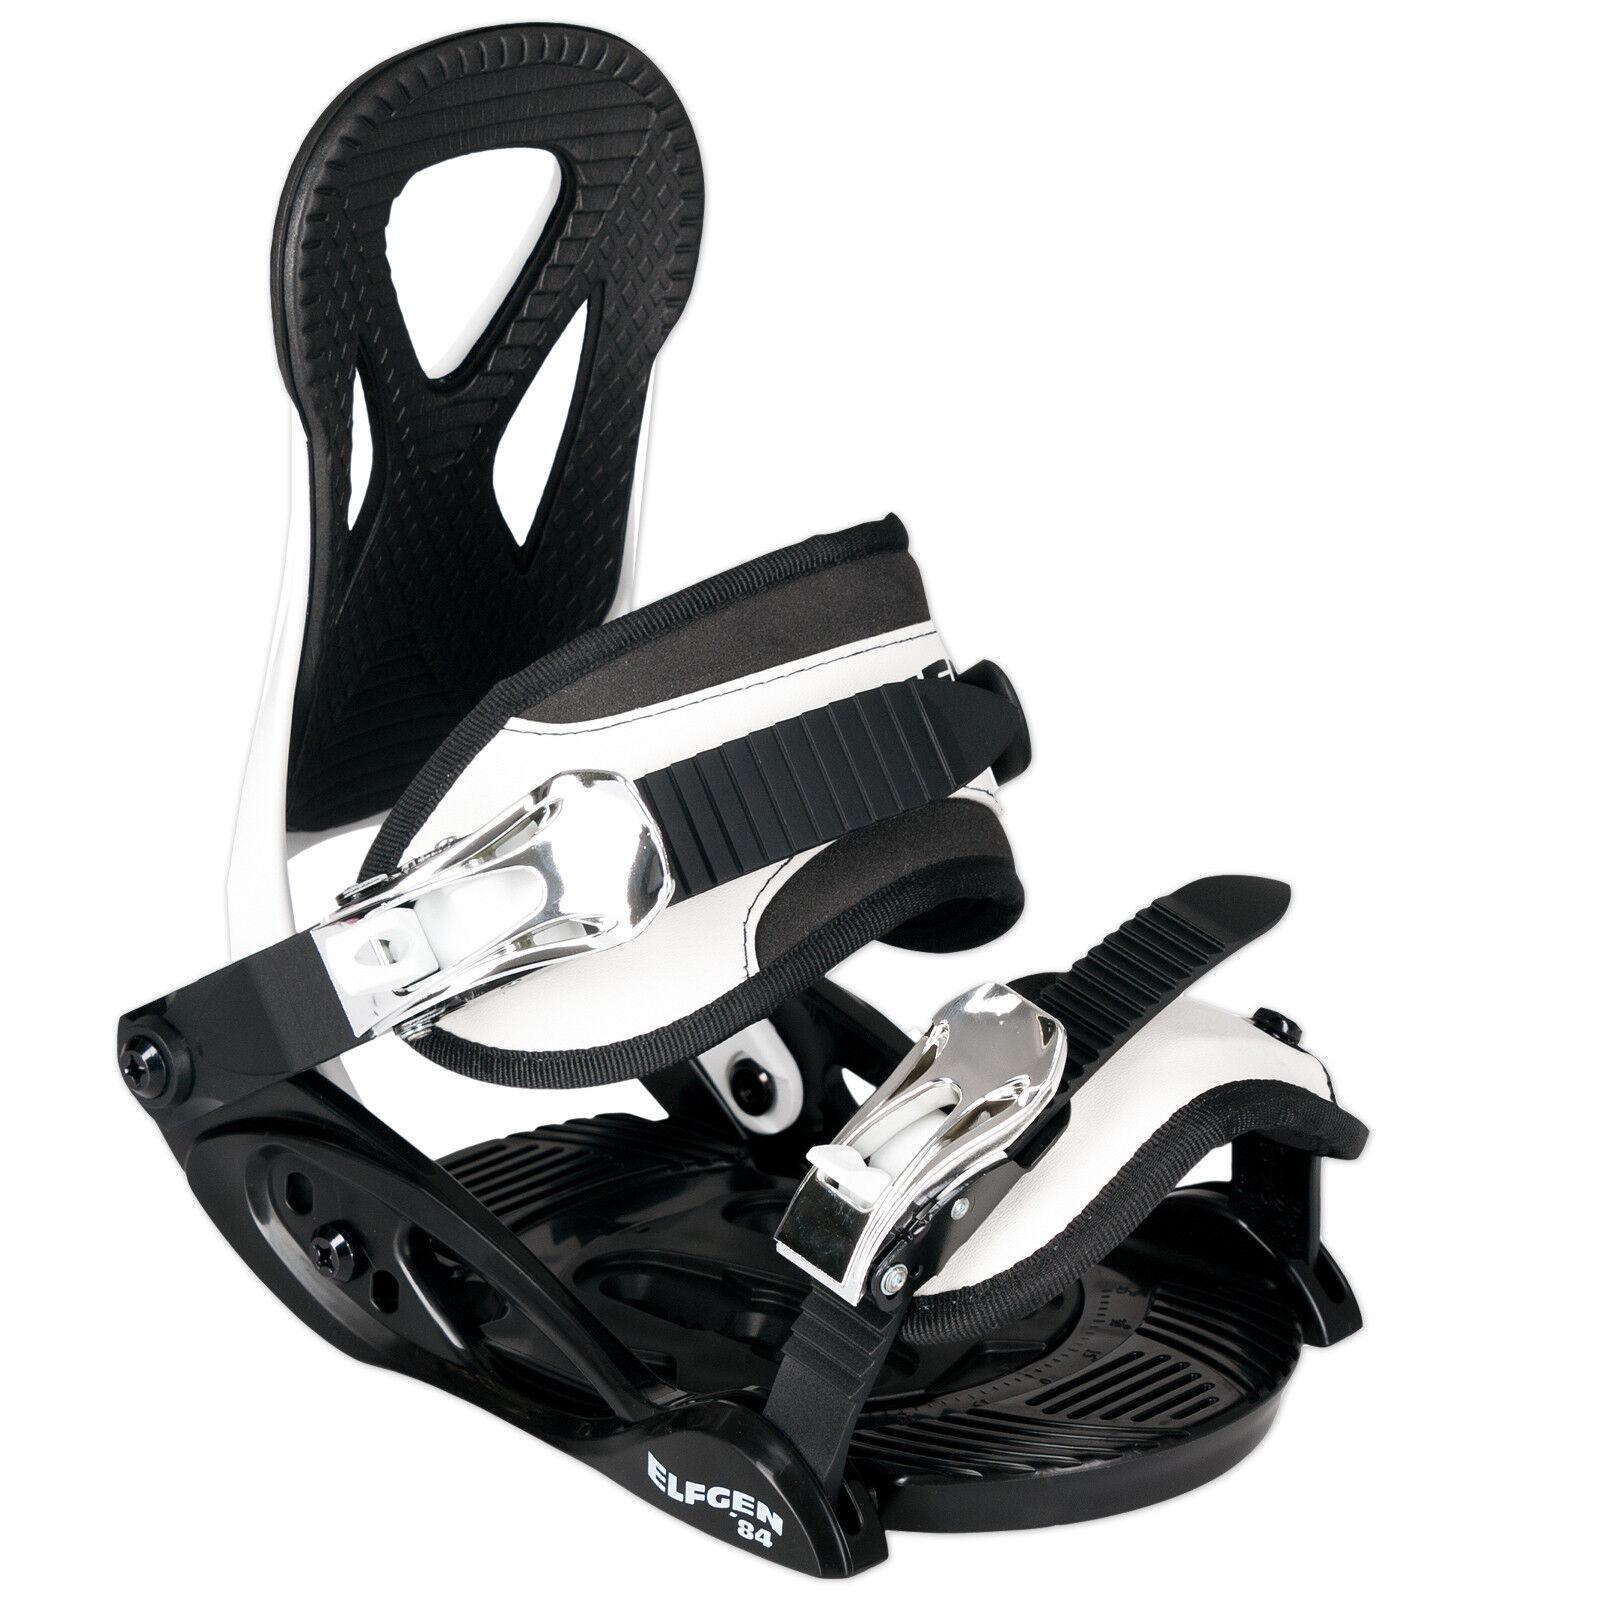 Elfgen Eco Junior Niños Fijación Snowboard Talla XS S = 30-35, 5 Eu